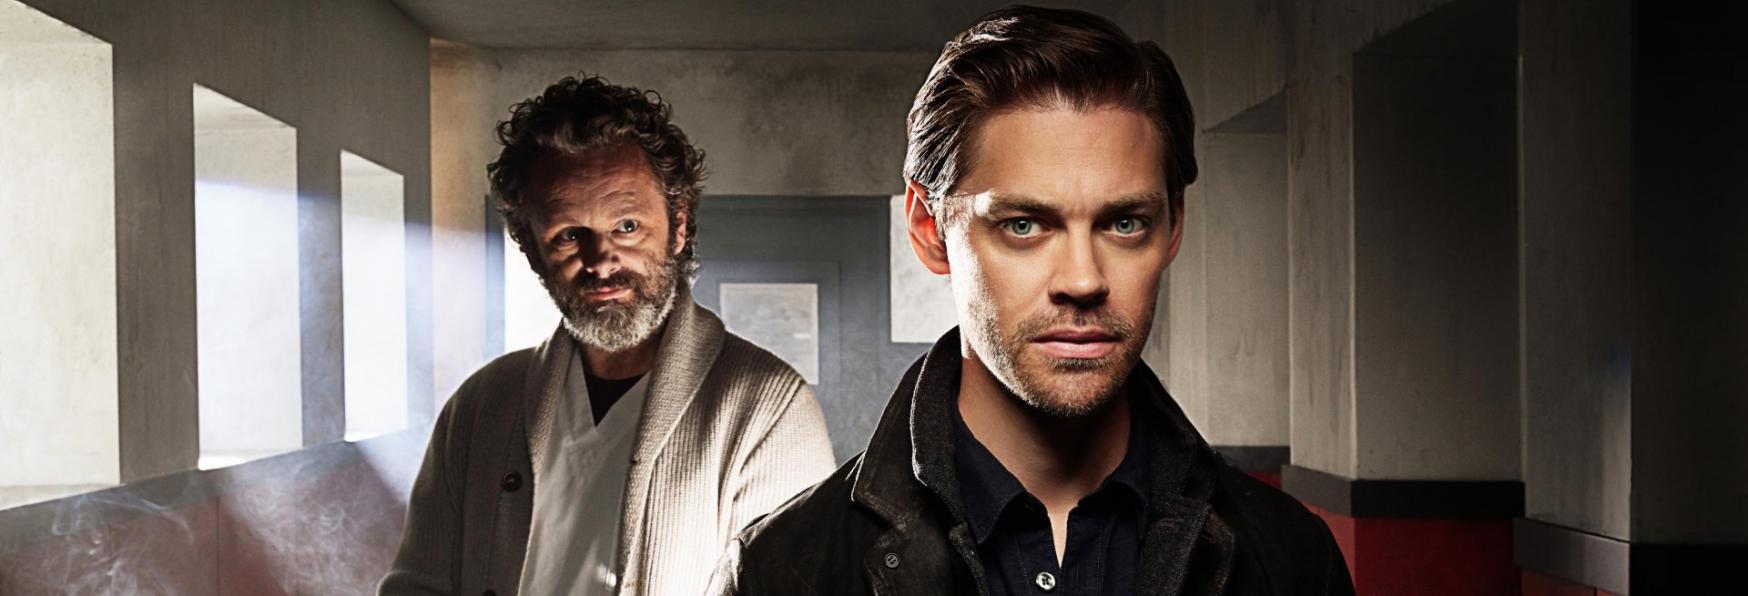 Prodigal Son 2: la Serie TV di Fox viene Rinnovata per una Stagione